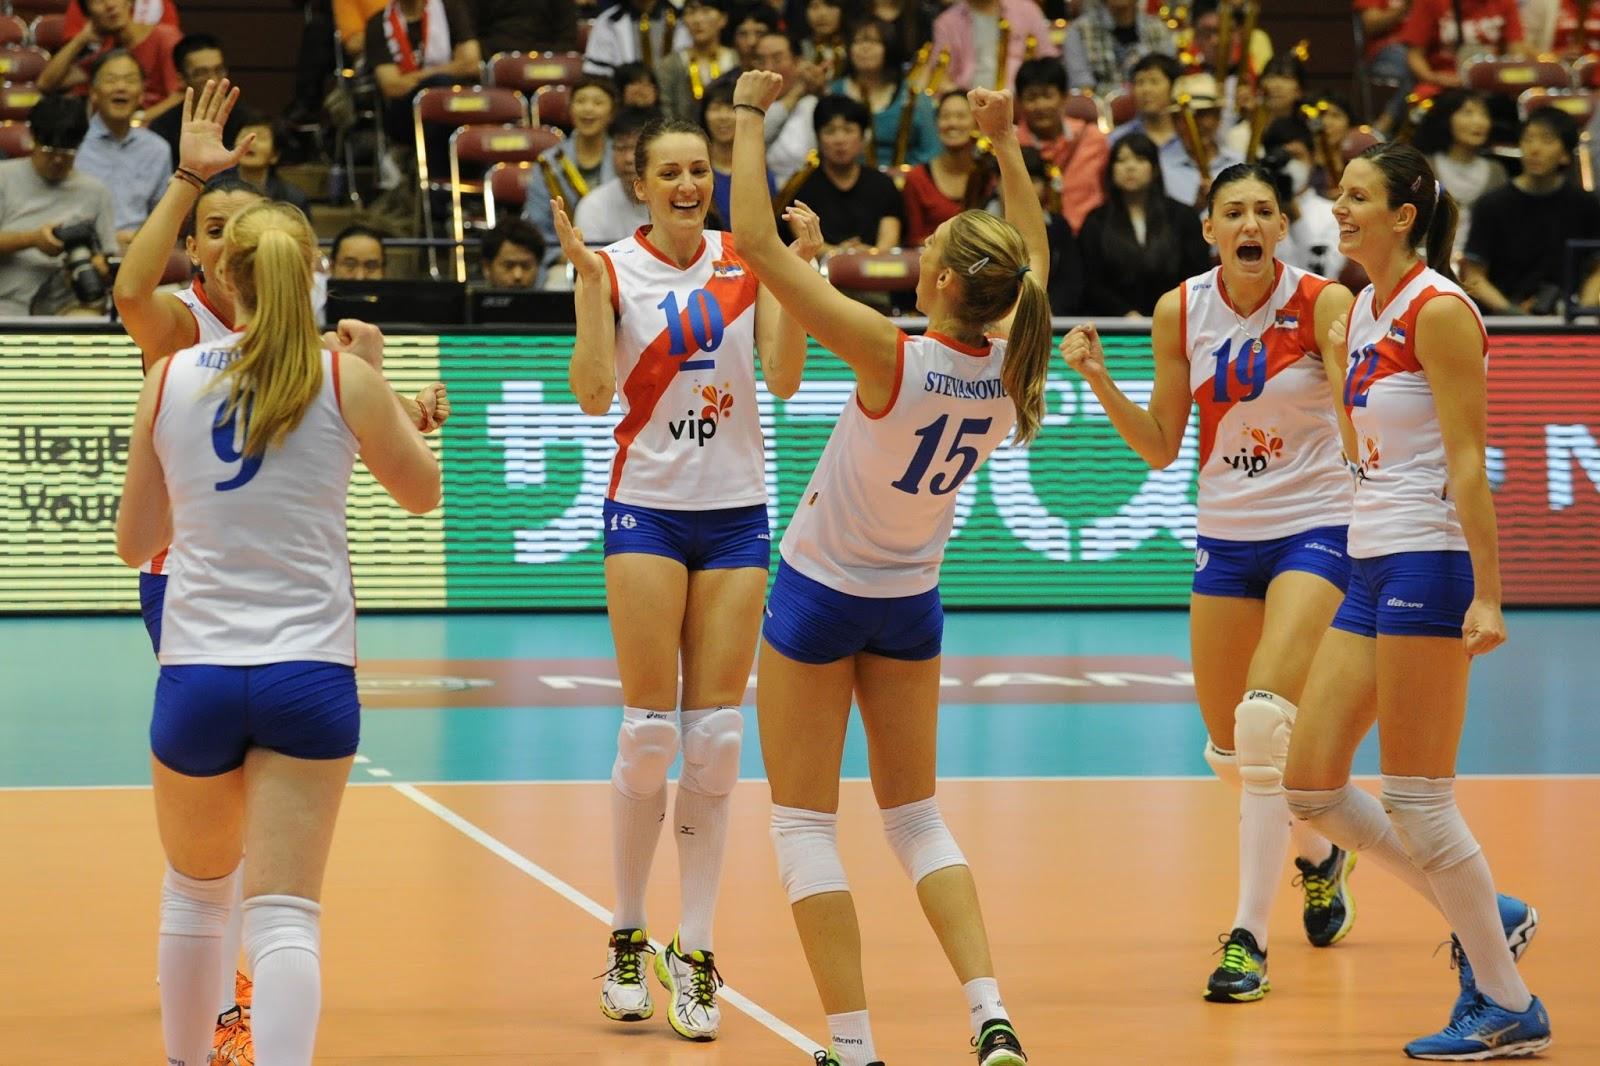 Olimpijske Igre Odbojka ž Srbija Rusija Livestream